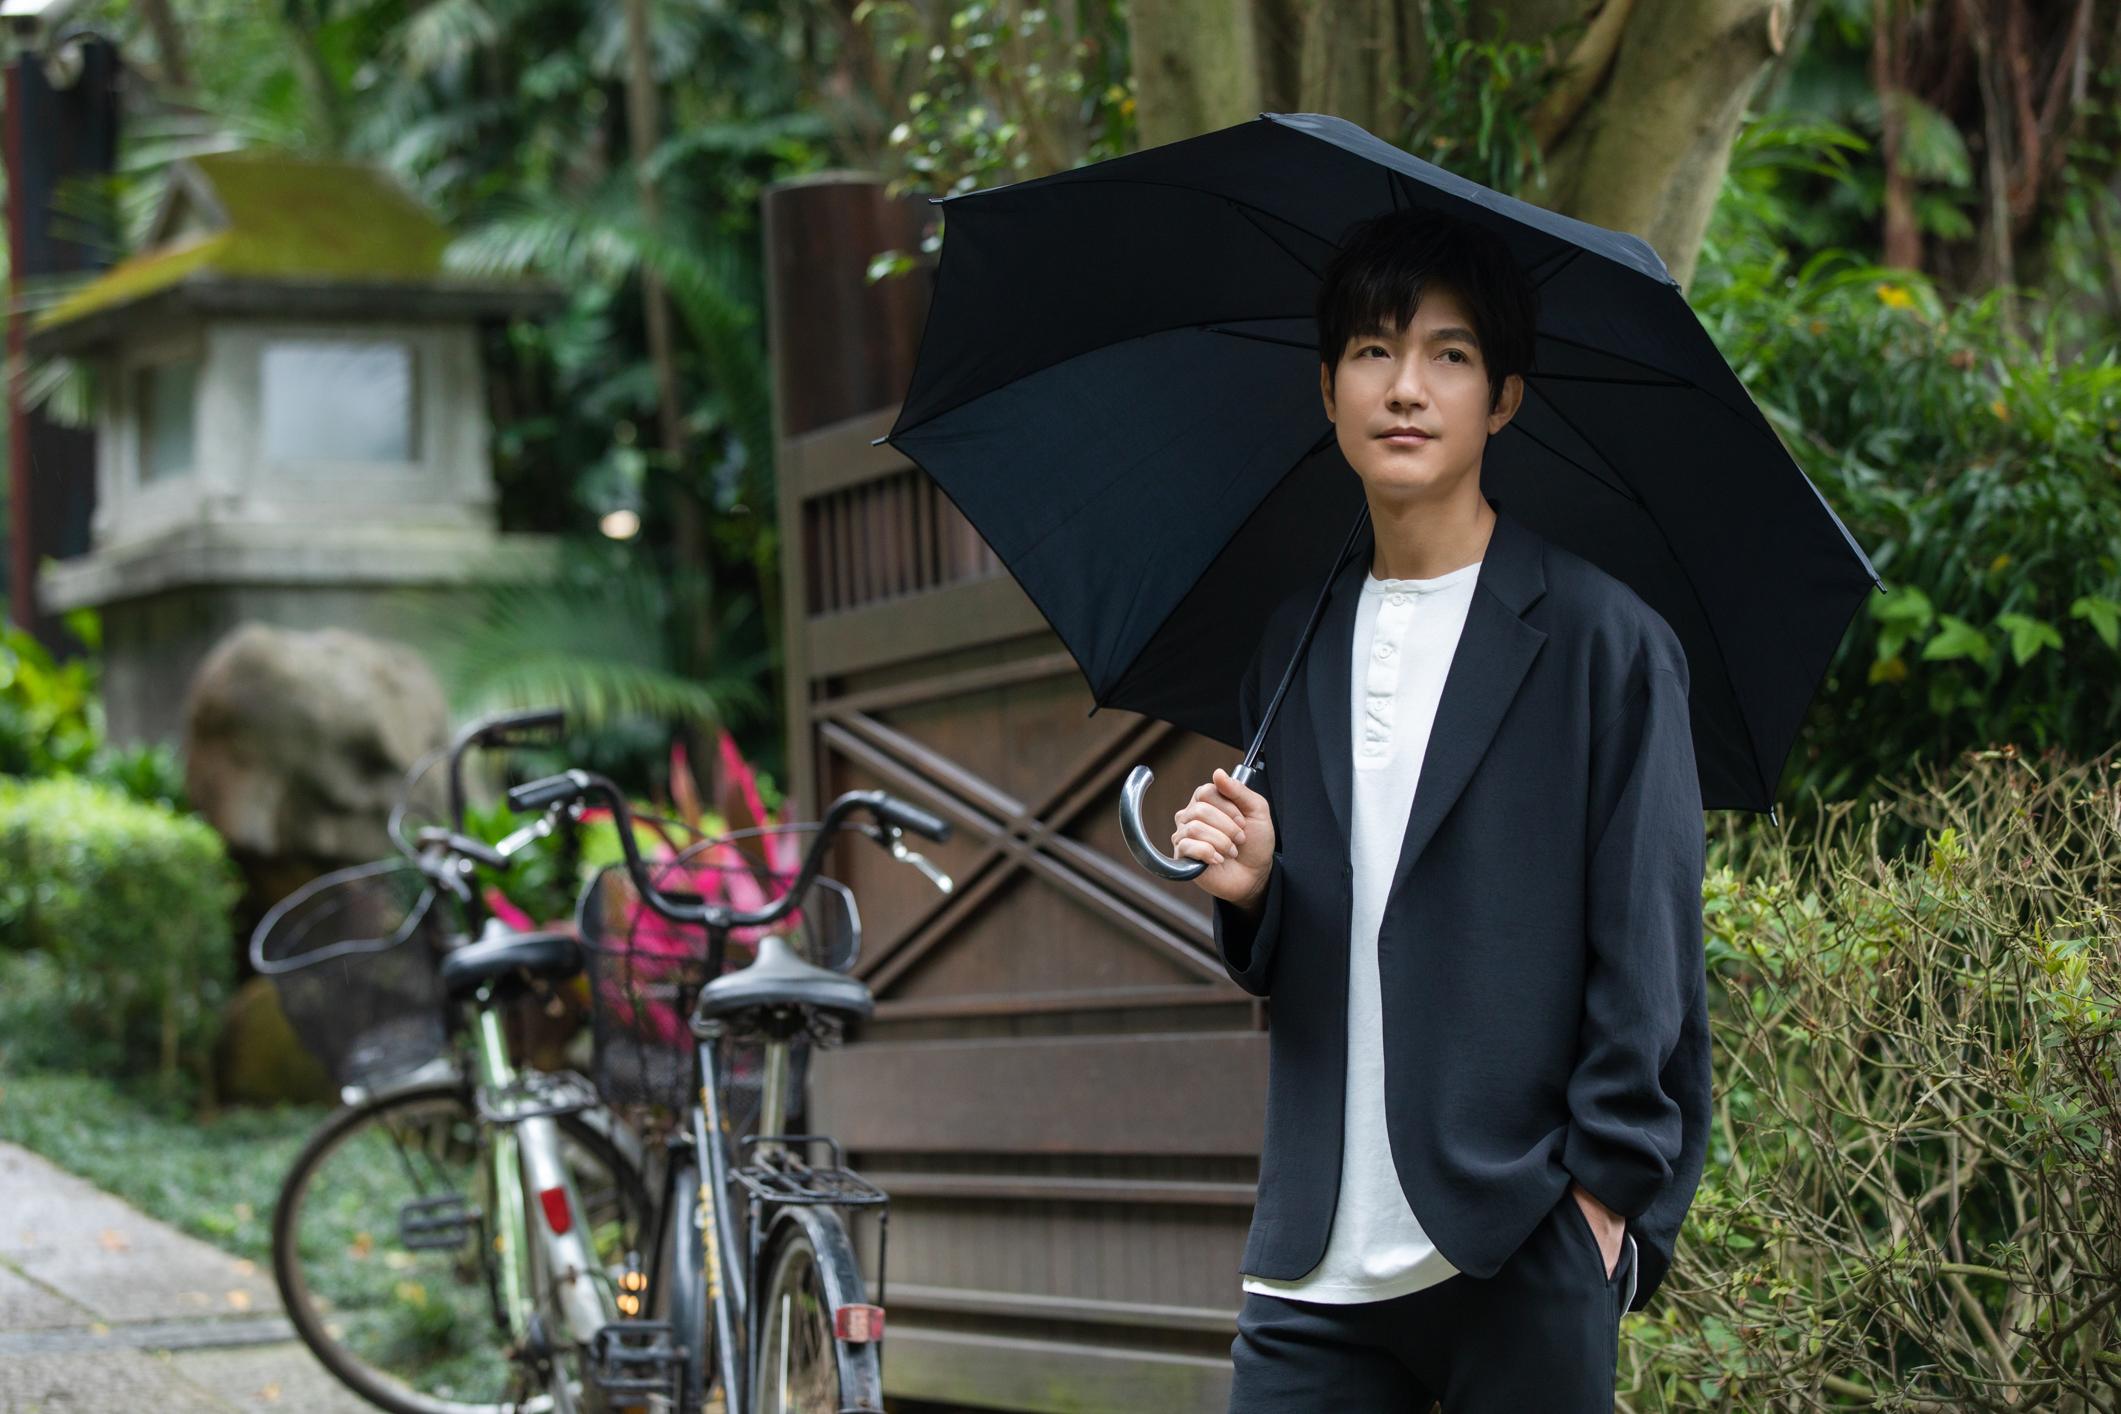 陈楚生全新专辑热单《你还好吗》MV今日上线 感人剧情直触人心引思考